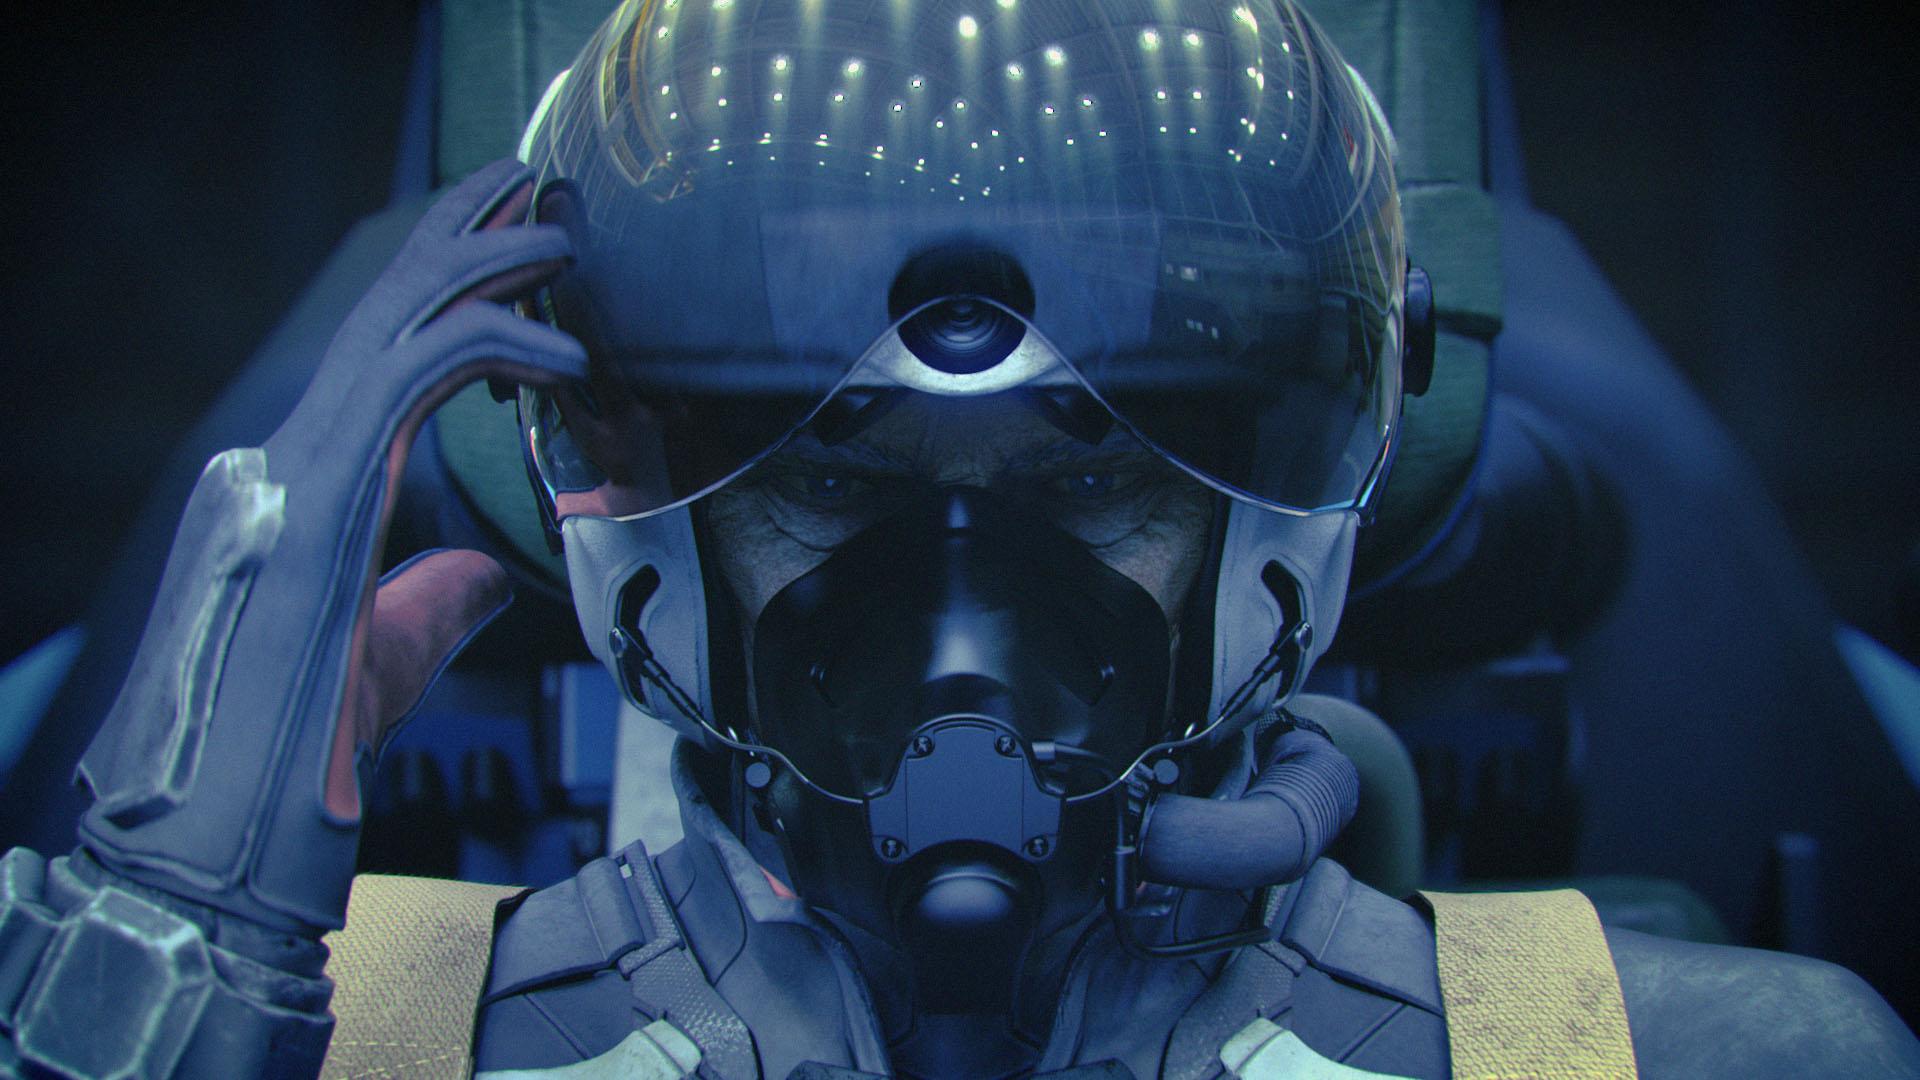 全球资讯_新闻中心 全球新闻 正文  今天,万代南梦宫公布了《皇牌空战》系列